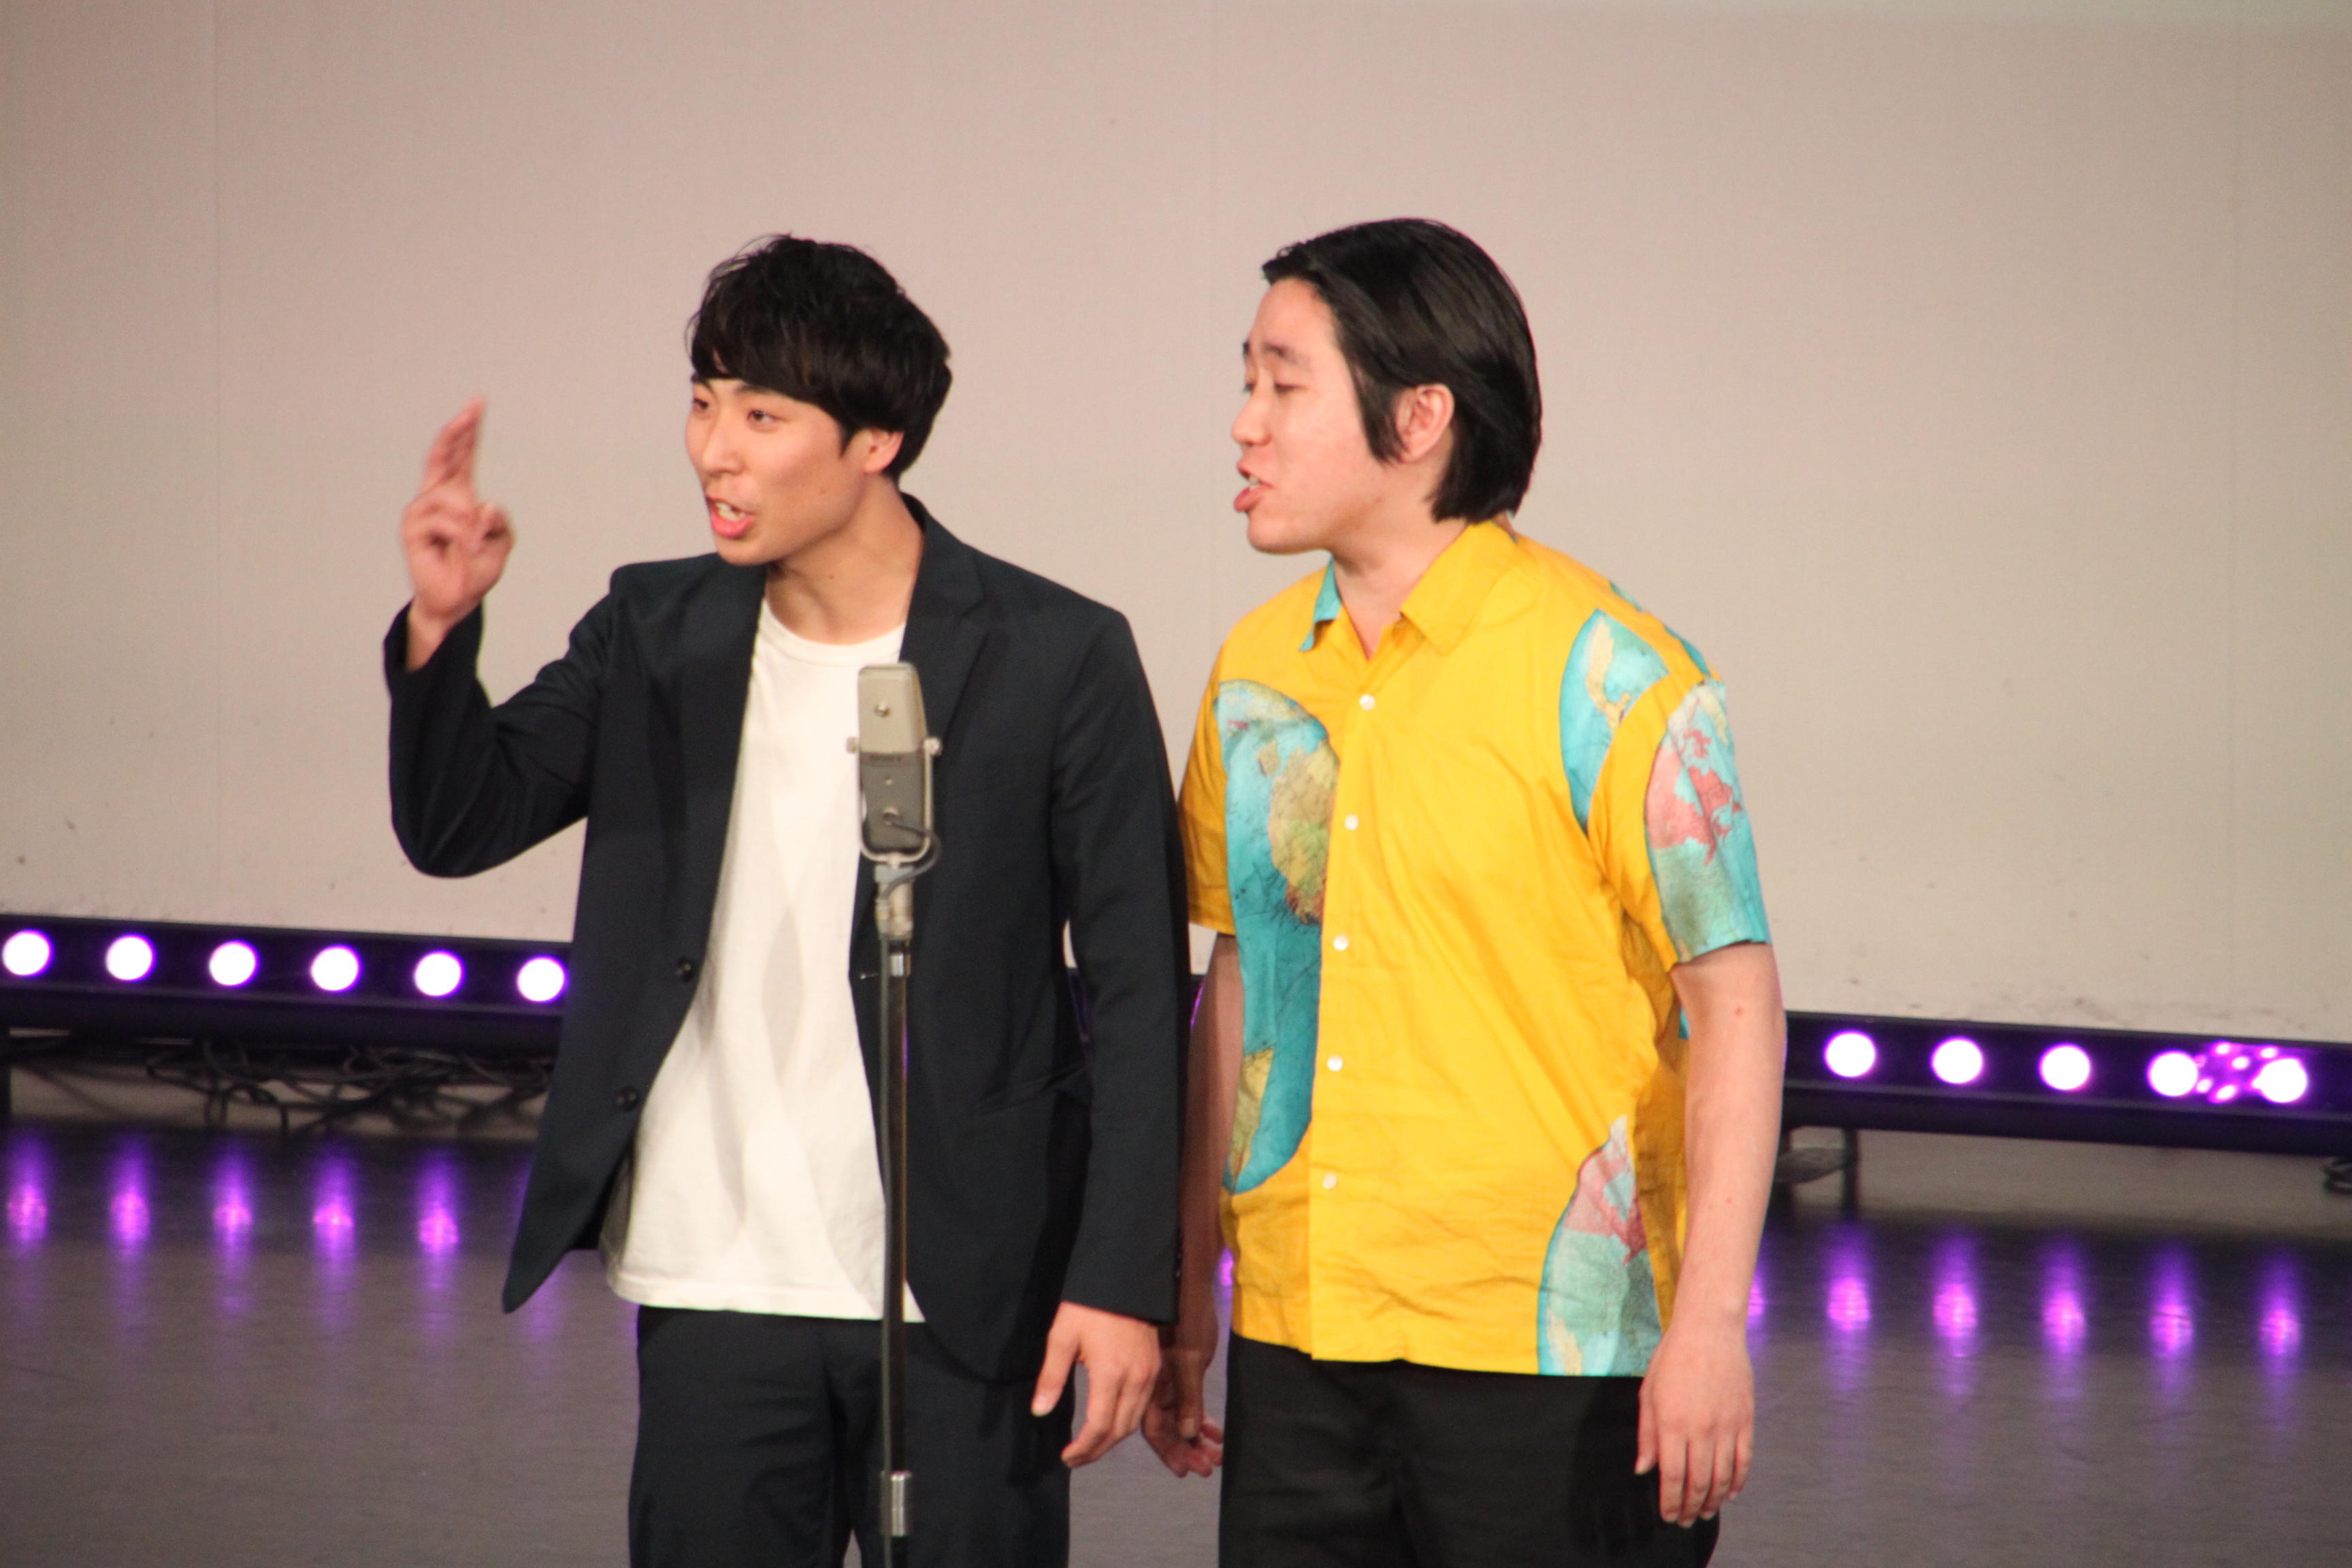 http://news.yoshimoto.co.jp/20181223000455-81c2b8091d8d4458c004ae8572b15fce0ce20d1e.jpg